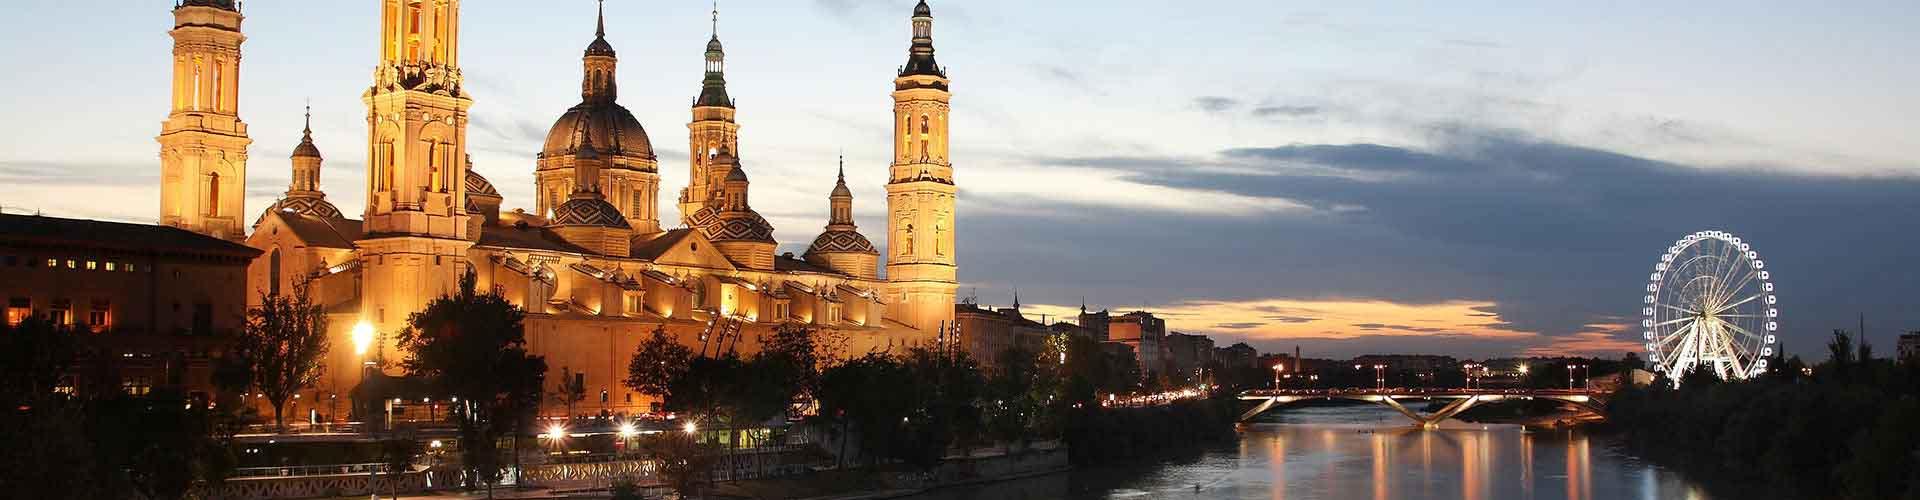 Zaragoza - Hôtels dans le quartier de Ciudad Jardin. Cartes pour Zaragoza, photos et commentaires pour chaque hôtel à Zaragoza.